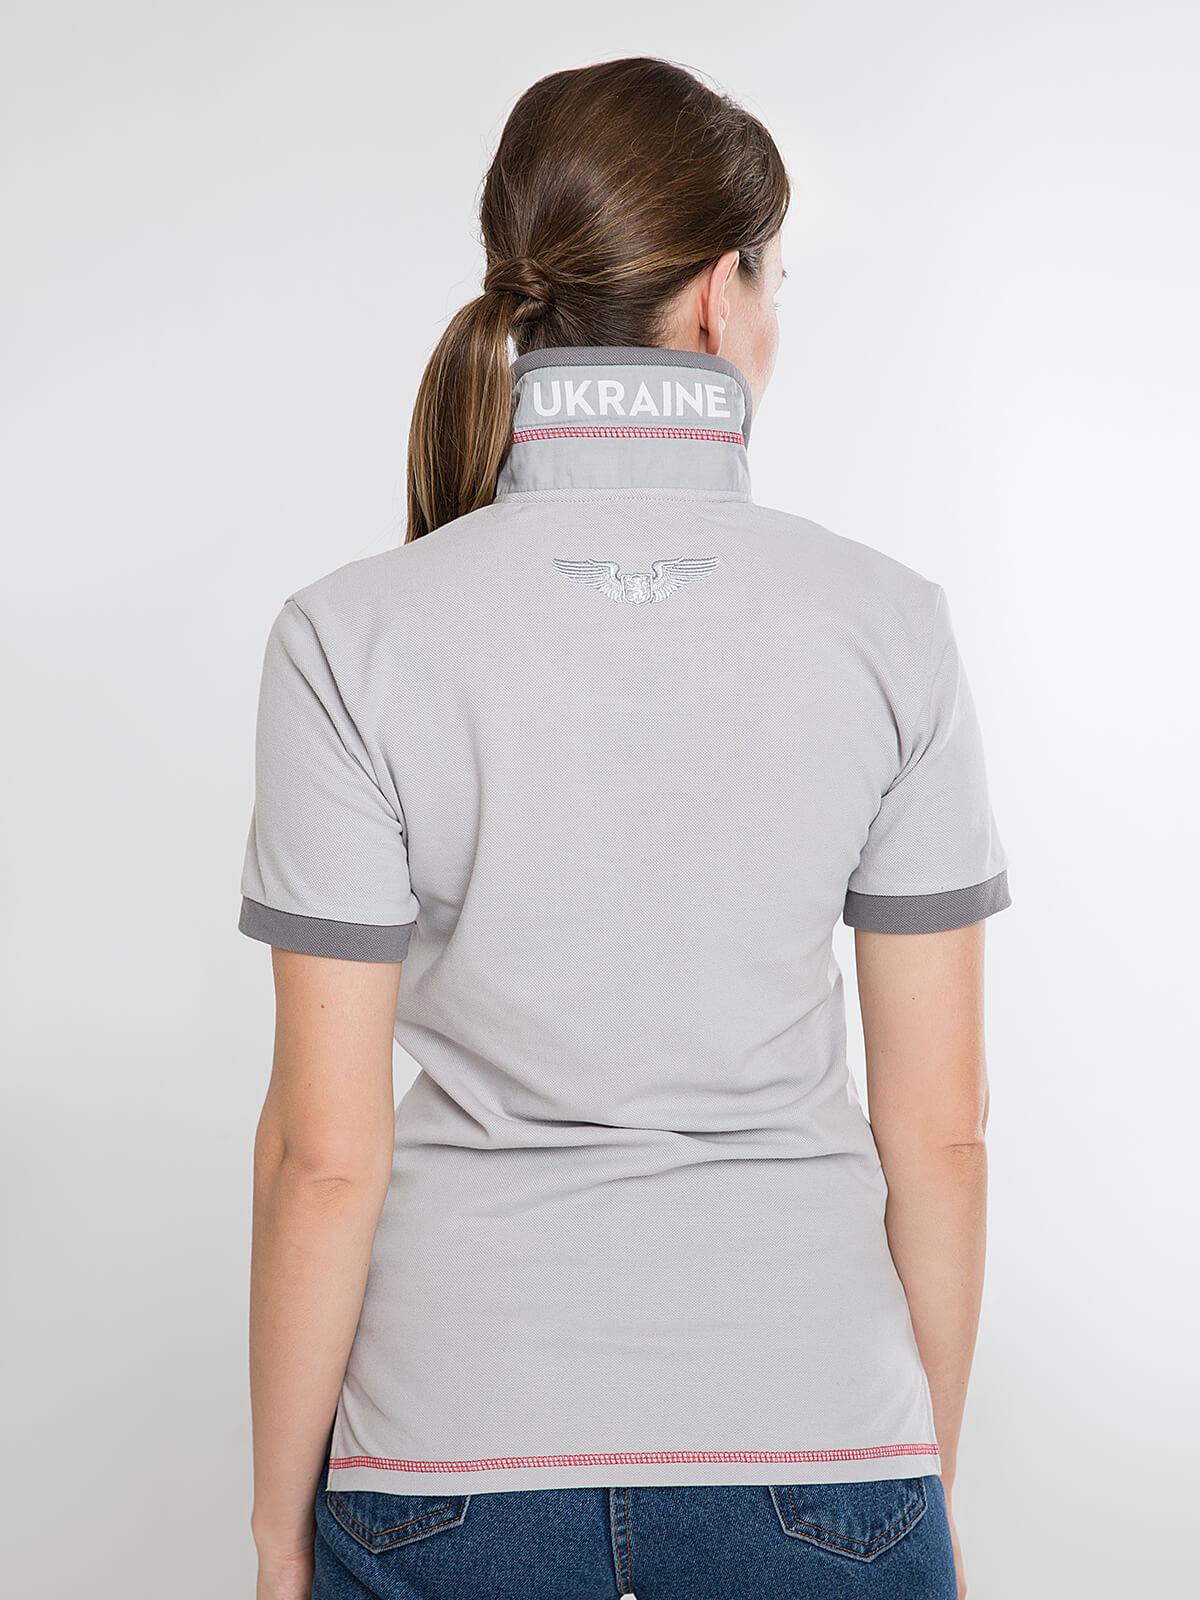 Women's Polo Shirt Wings. Color gray.  Pique fabric: 100% cotton.